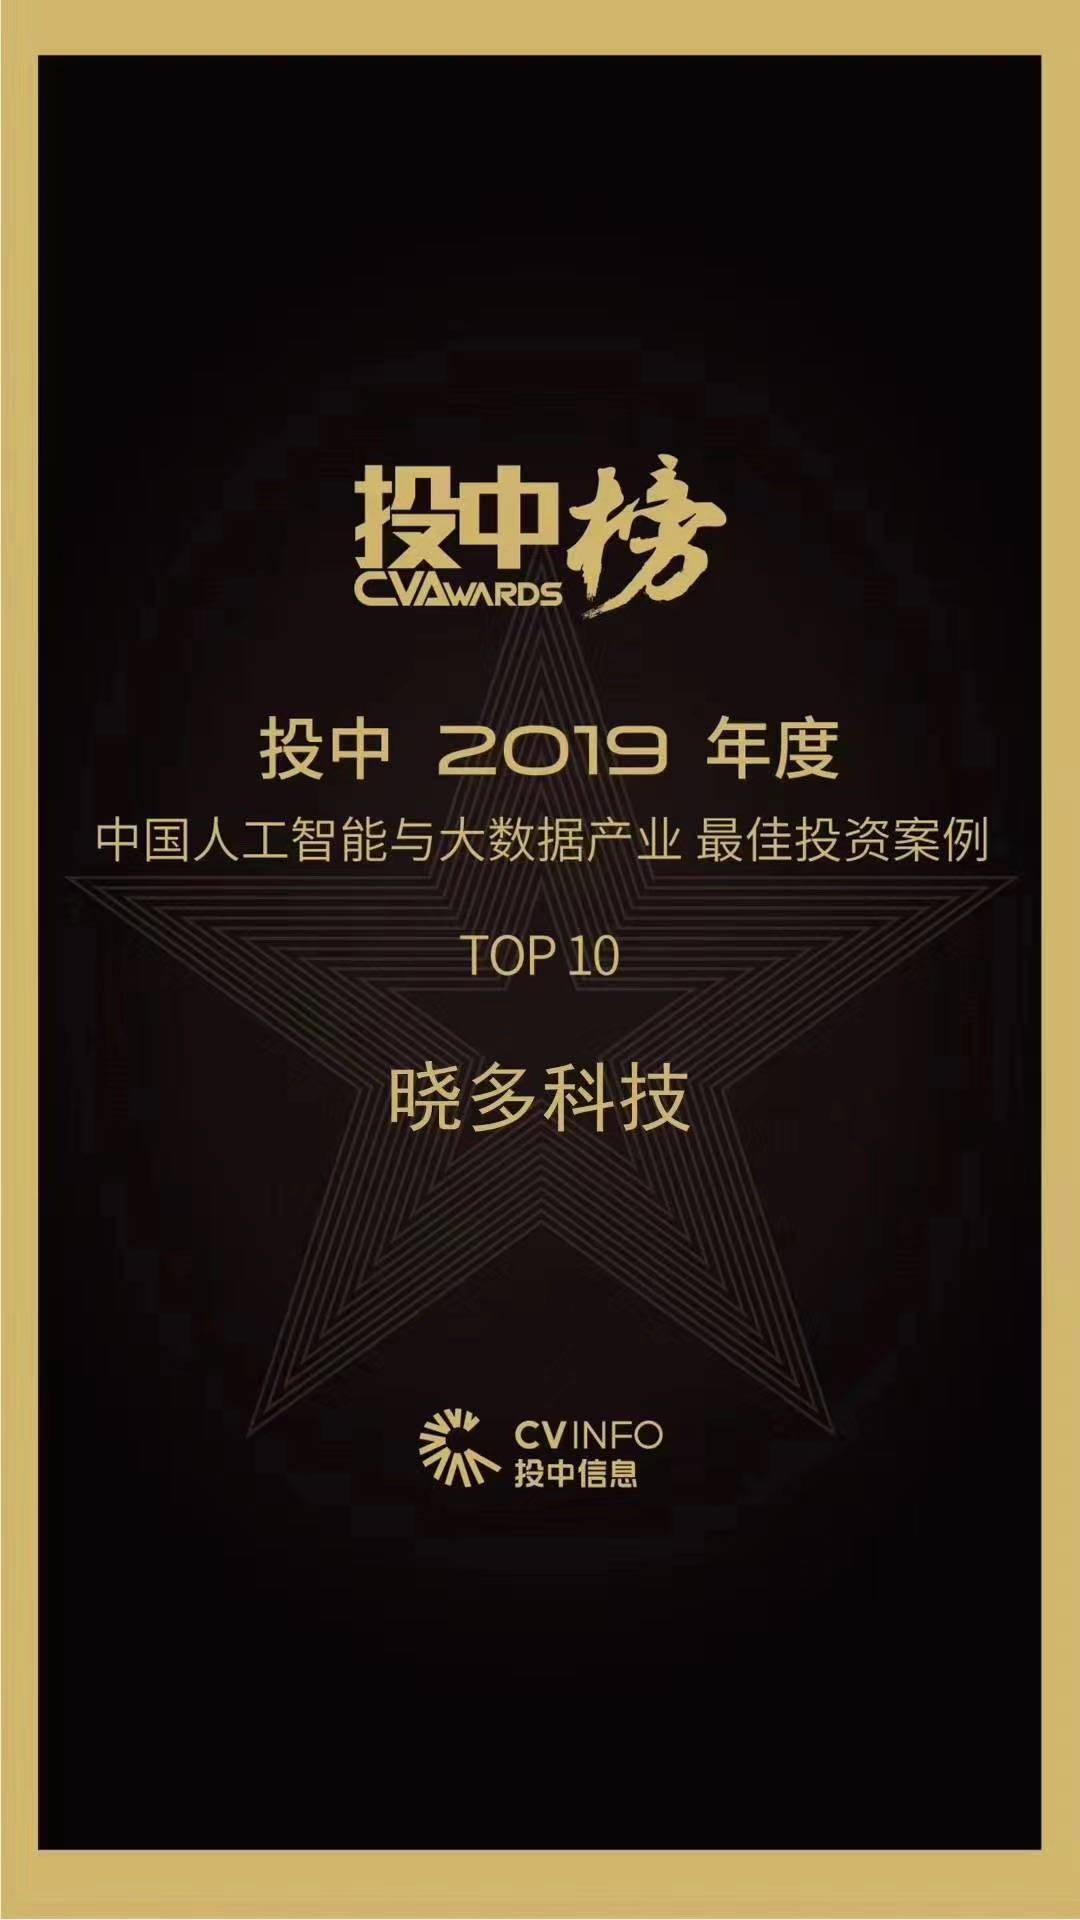 """红魔游戏手机-ITMI社区-晓多科技获评投中""""2019年度中国人工智能与大数据财产最佳投资案例TOP10""""(1)"""